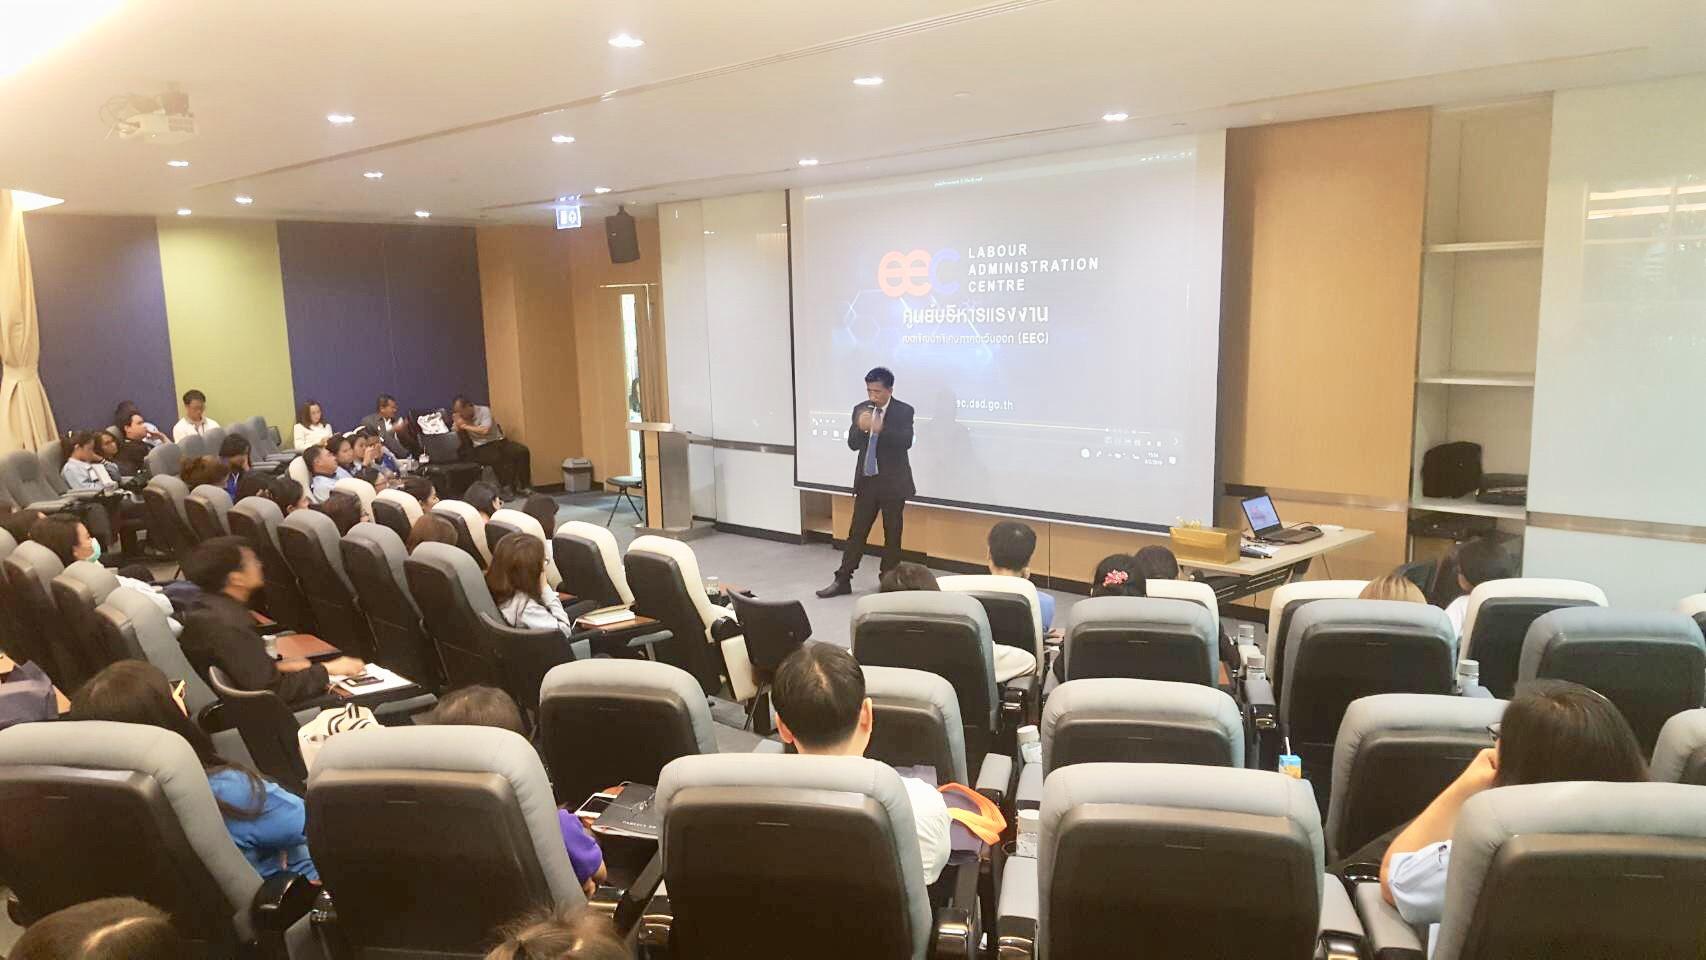 ผู้ตรวจราชกรม เข้าบรรยายเรื่องบริหารแรงงานเขตพัฒนาพิเศษภาคตะวันออก(EEC Labour Administration Centre)